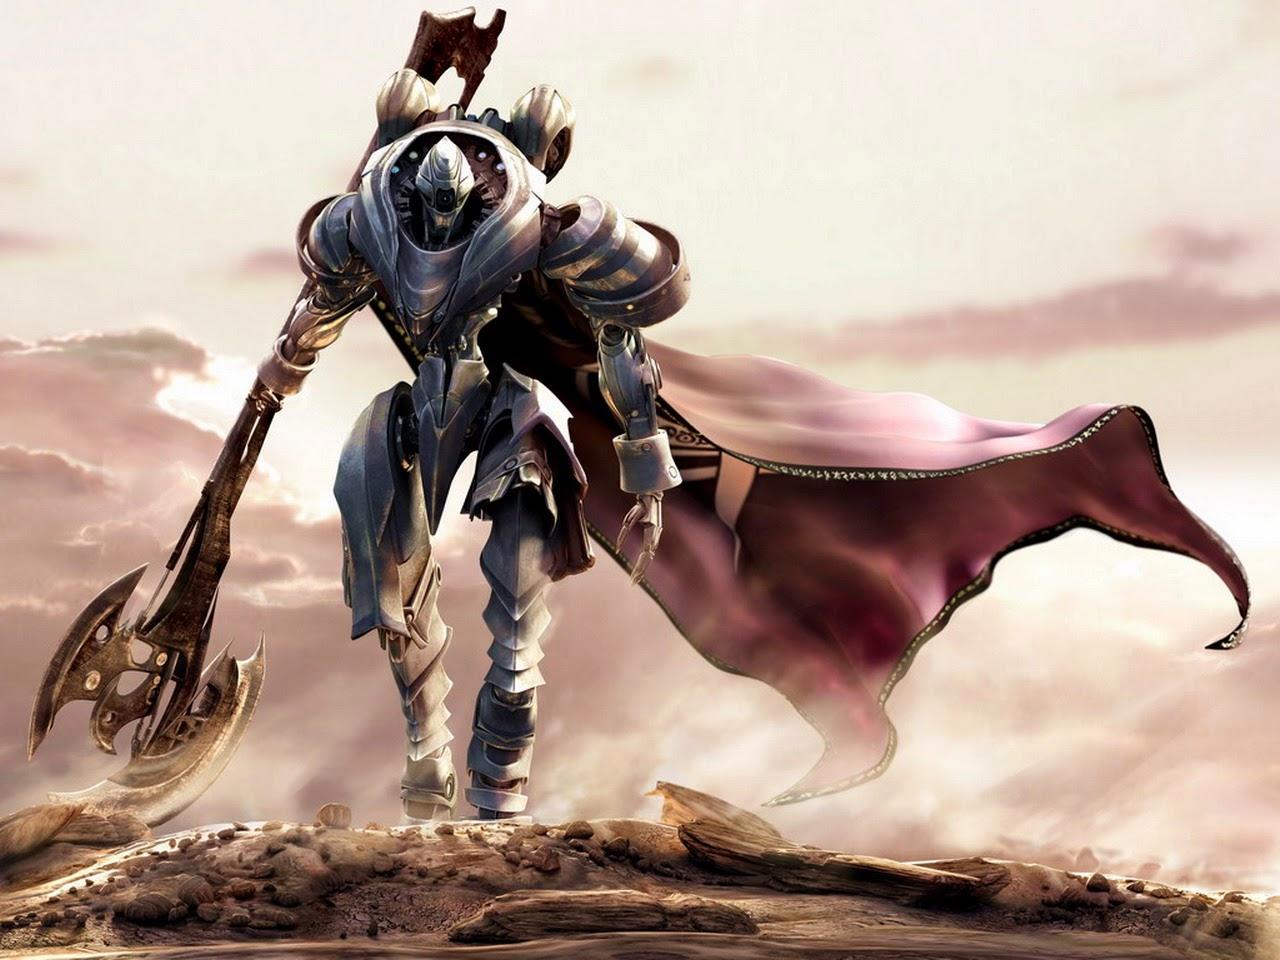 Người chiến binh trong thế giới ảo (P2)